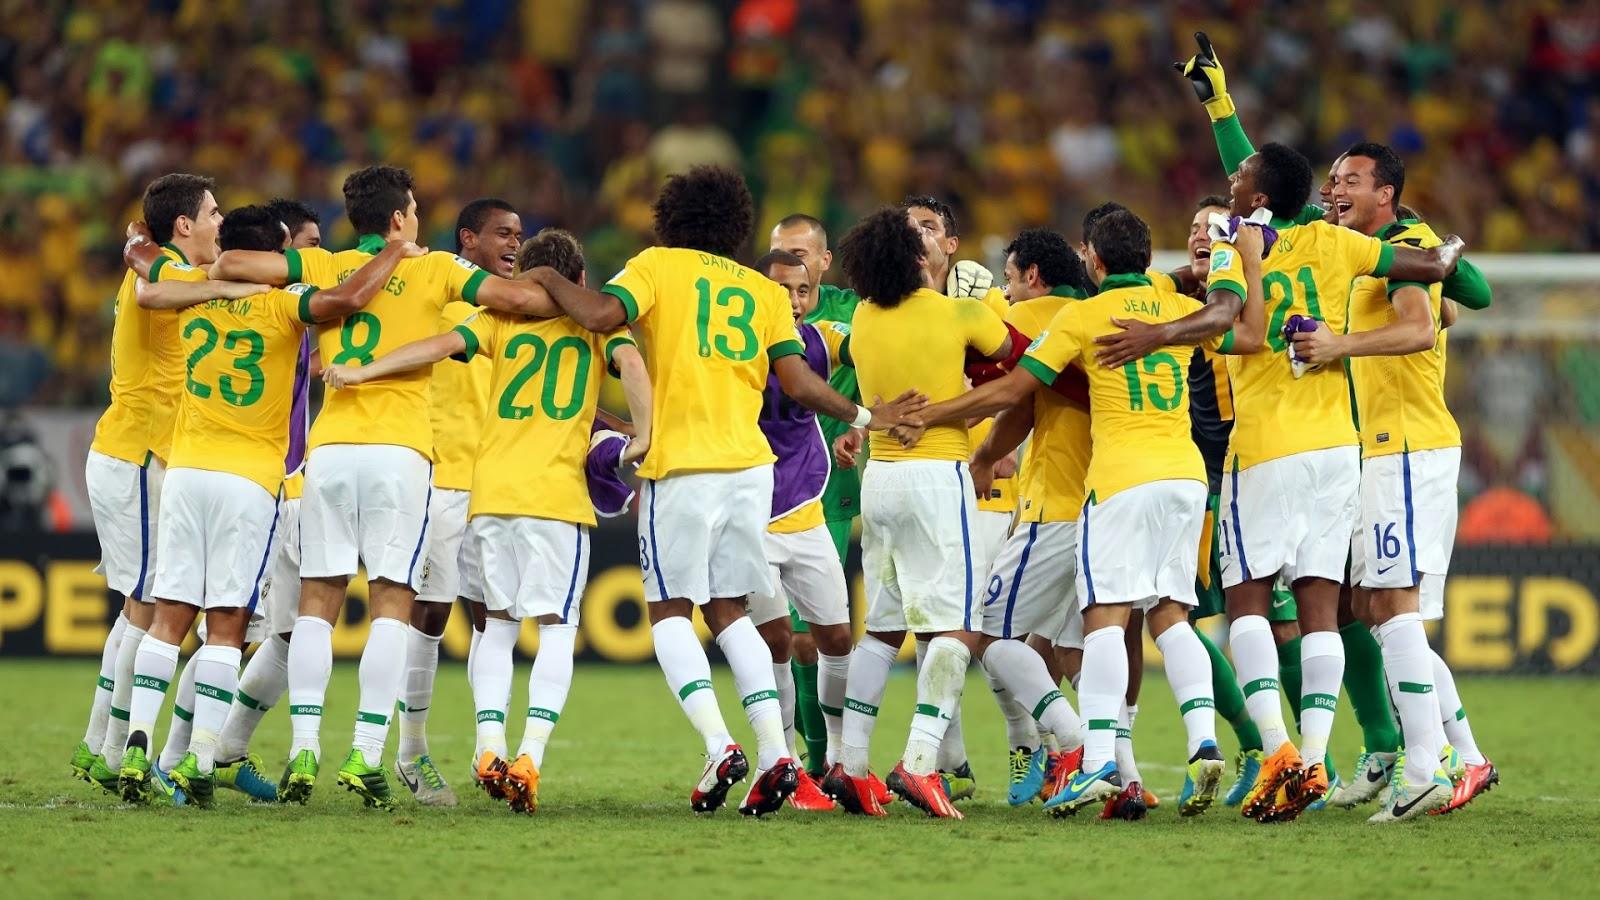 CBF divulga a numeração dos jogadores que irão disputar a Copa ... 8e8c4e4e84e2f